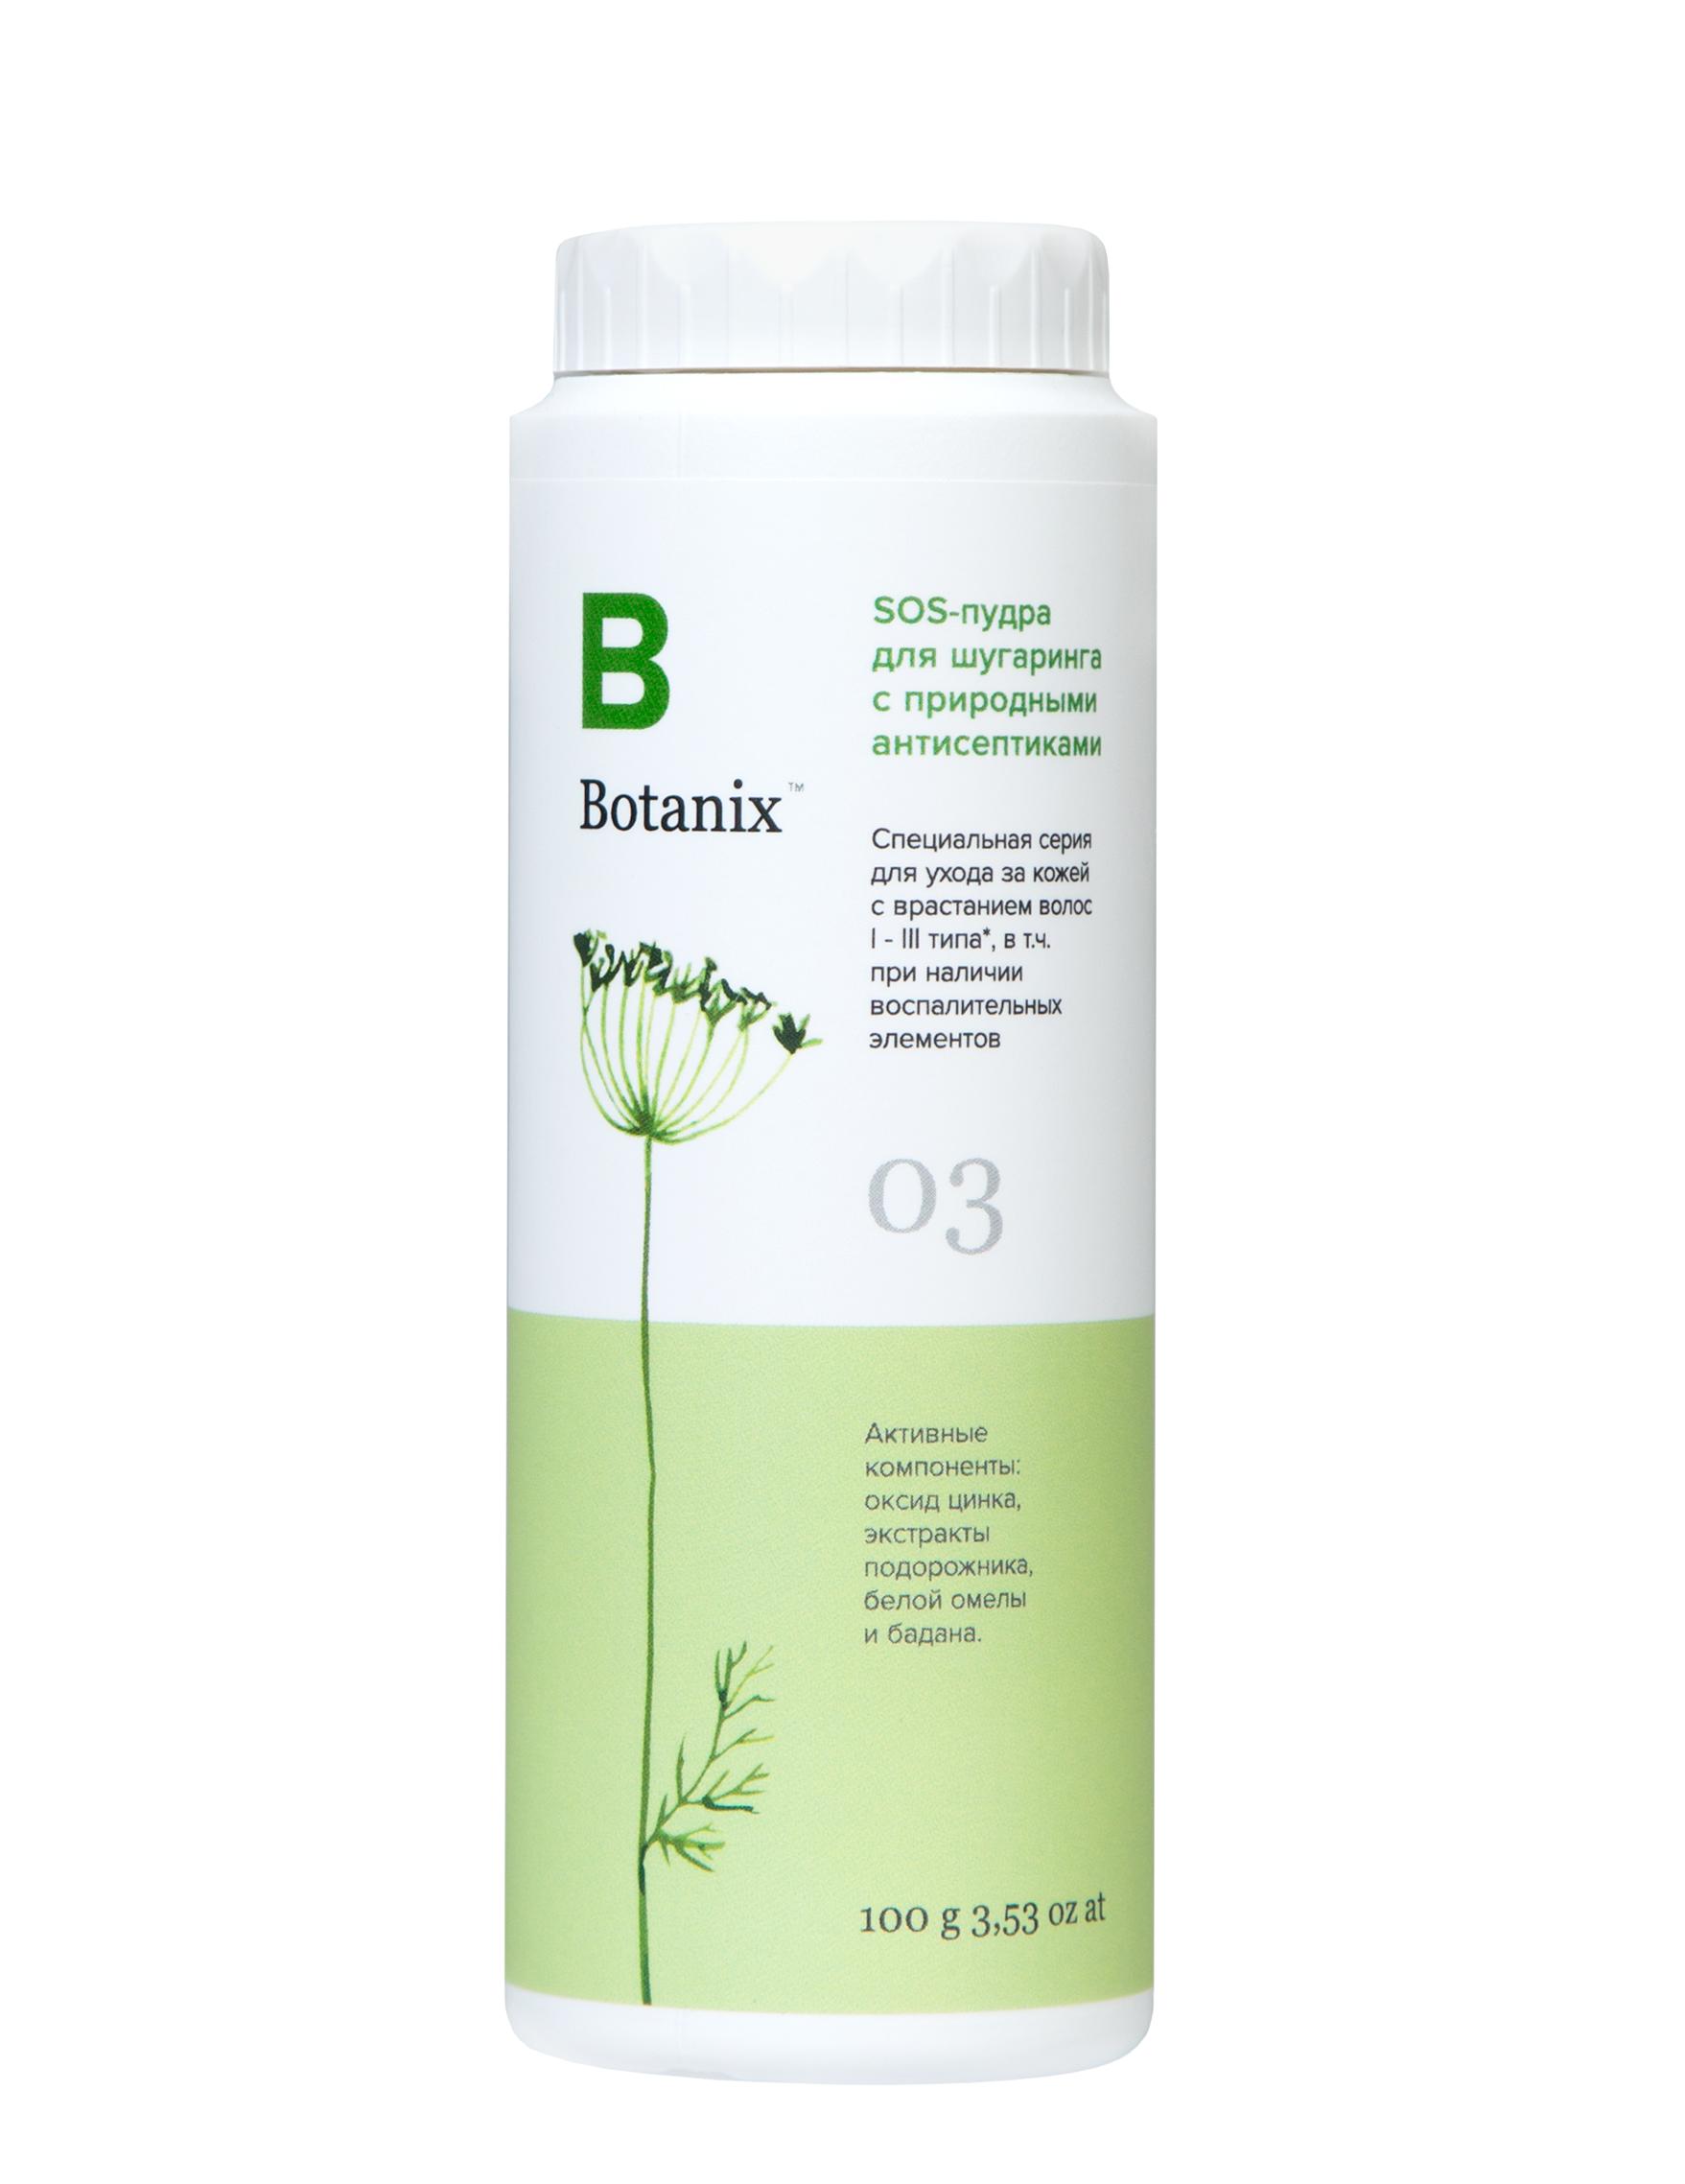 Купить GLORIA Пудра-SOS для шугаринга с природными антисептиками / Botanix 100 г